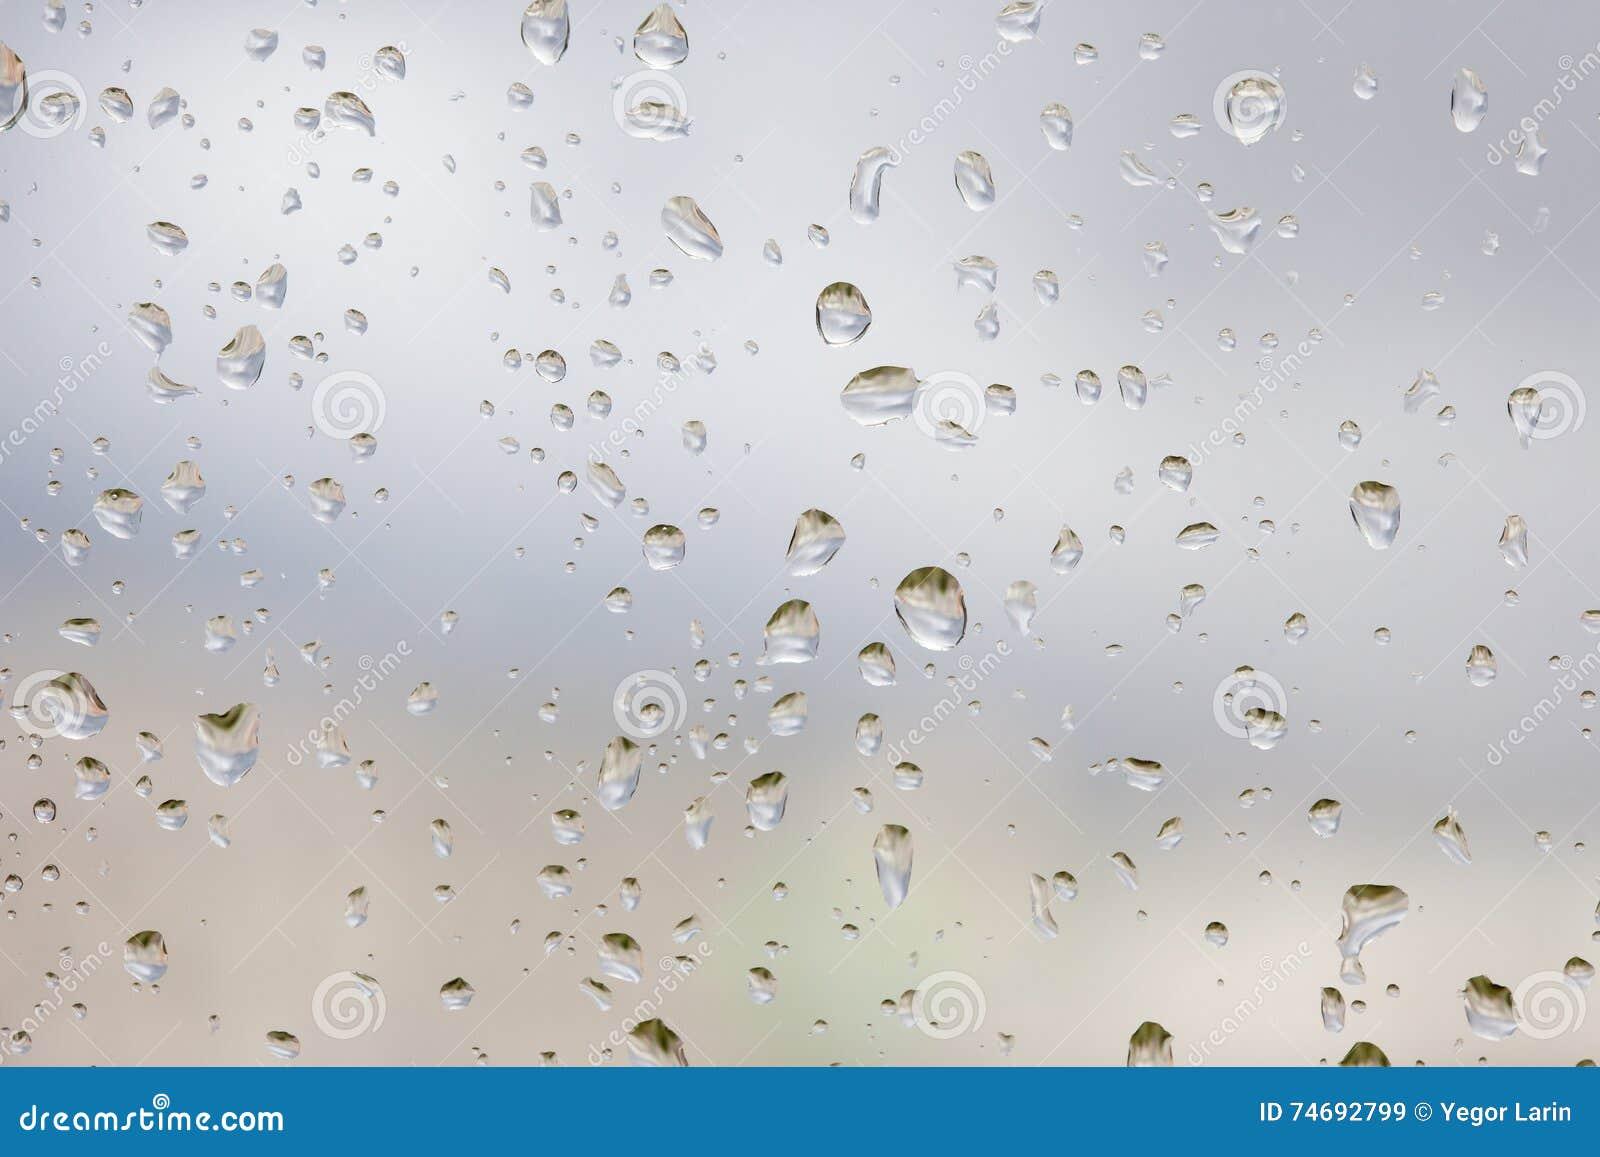 abstruct tropfen des regens auf einem fensterglas stockbild bild von glatt grau 74692799. Black Bedroom Furniture Sets. Home Design Ideas